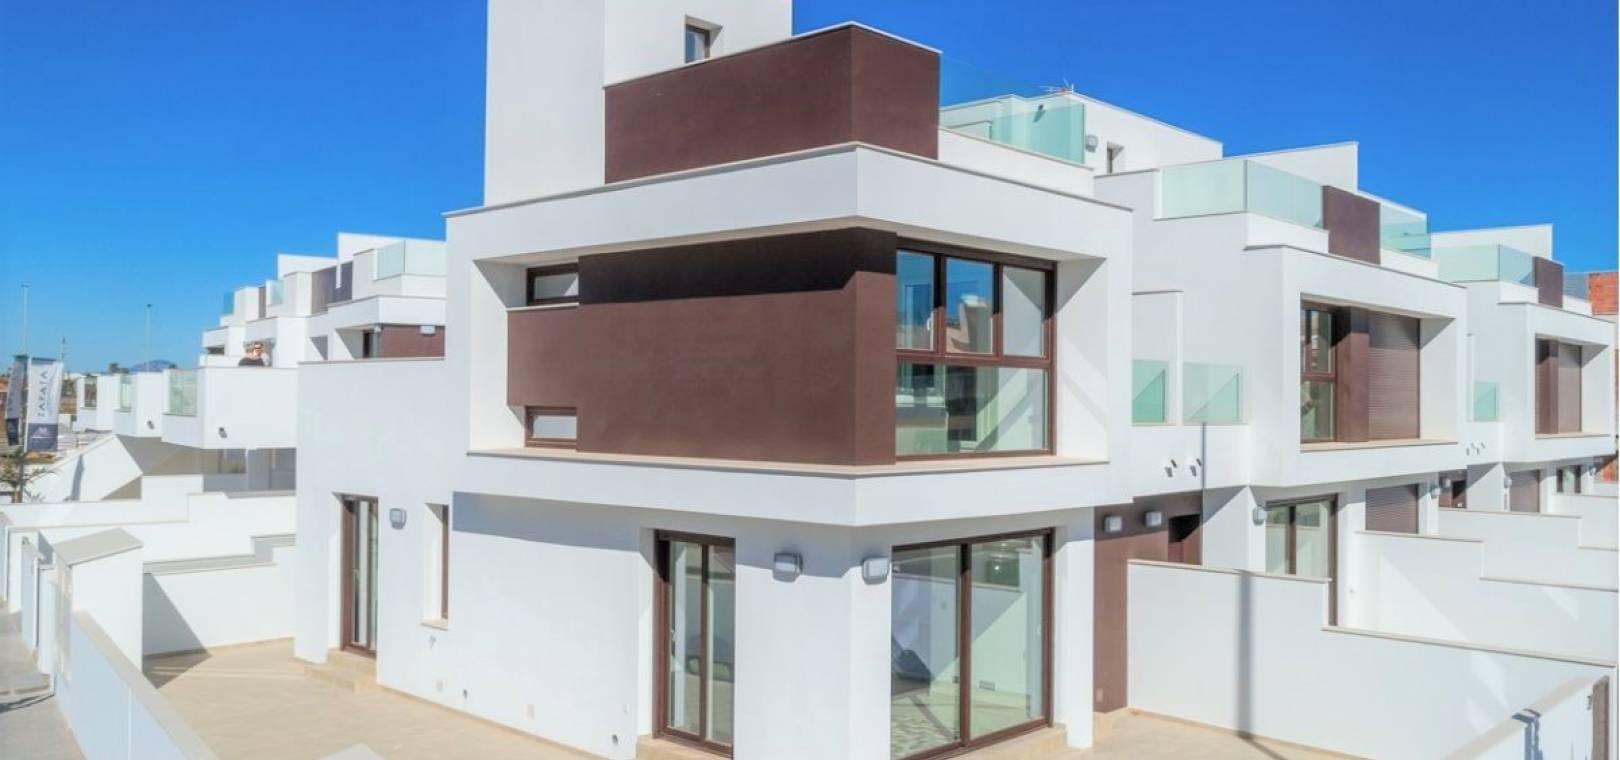 Nieuw gebouw - Herenhuis - Torre de la Horadada